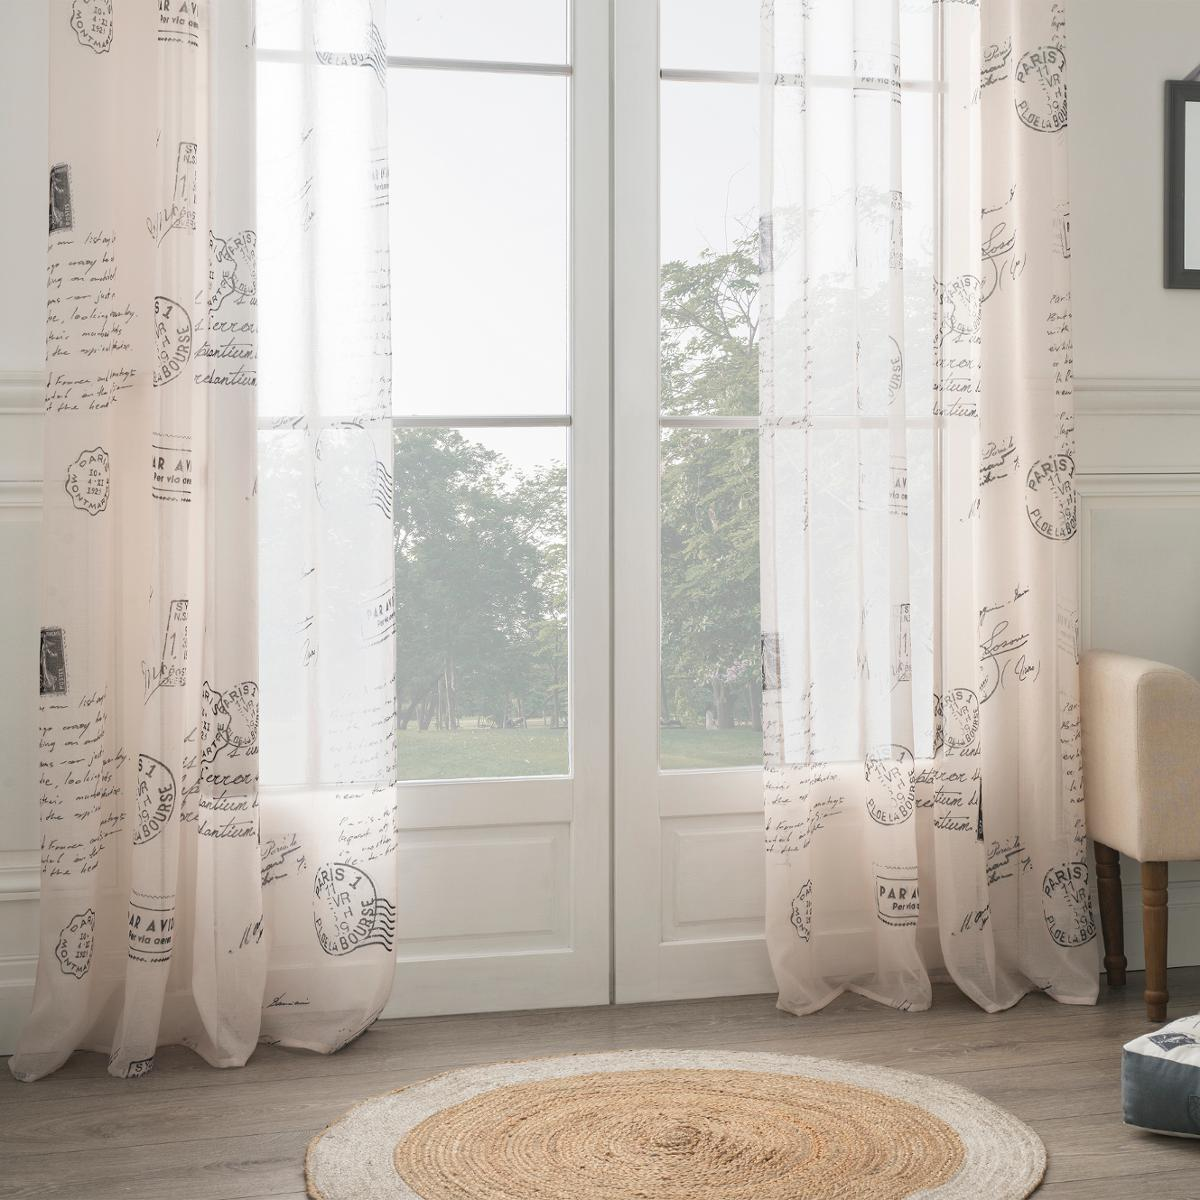 voilage imprim courrier naturel homemaison vente. Black Bedroom Furniture Sets. Home Design Ideas